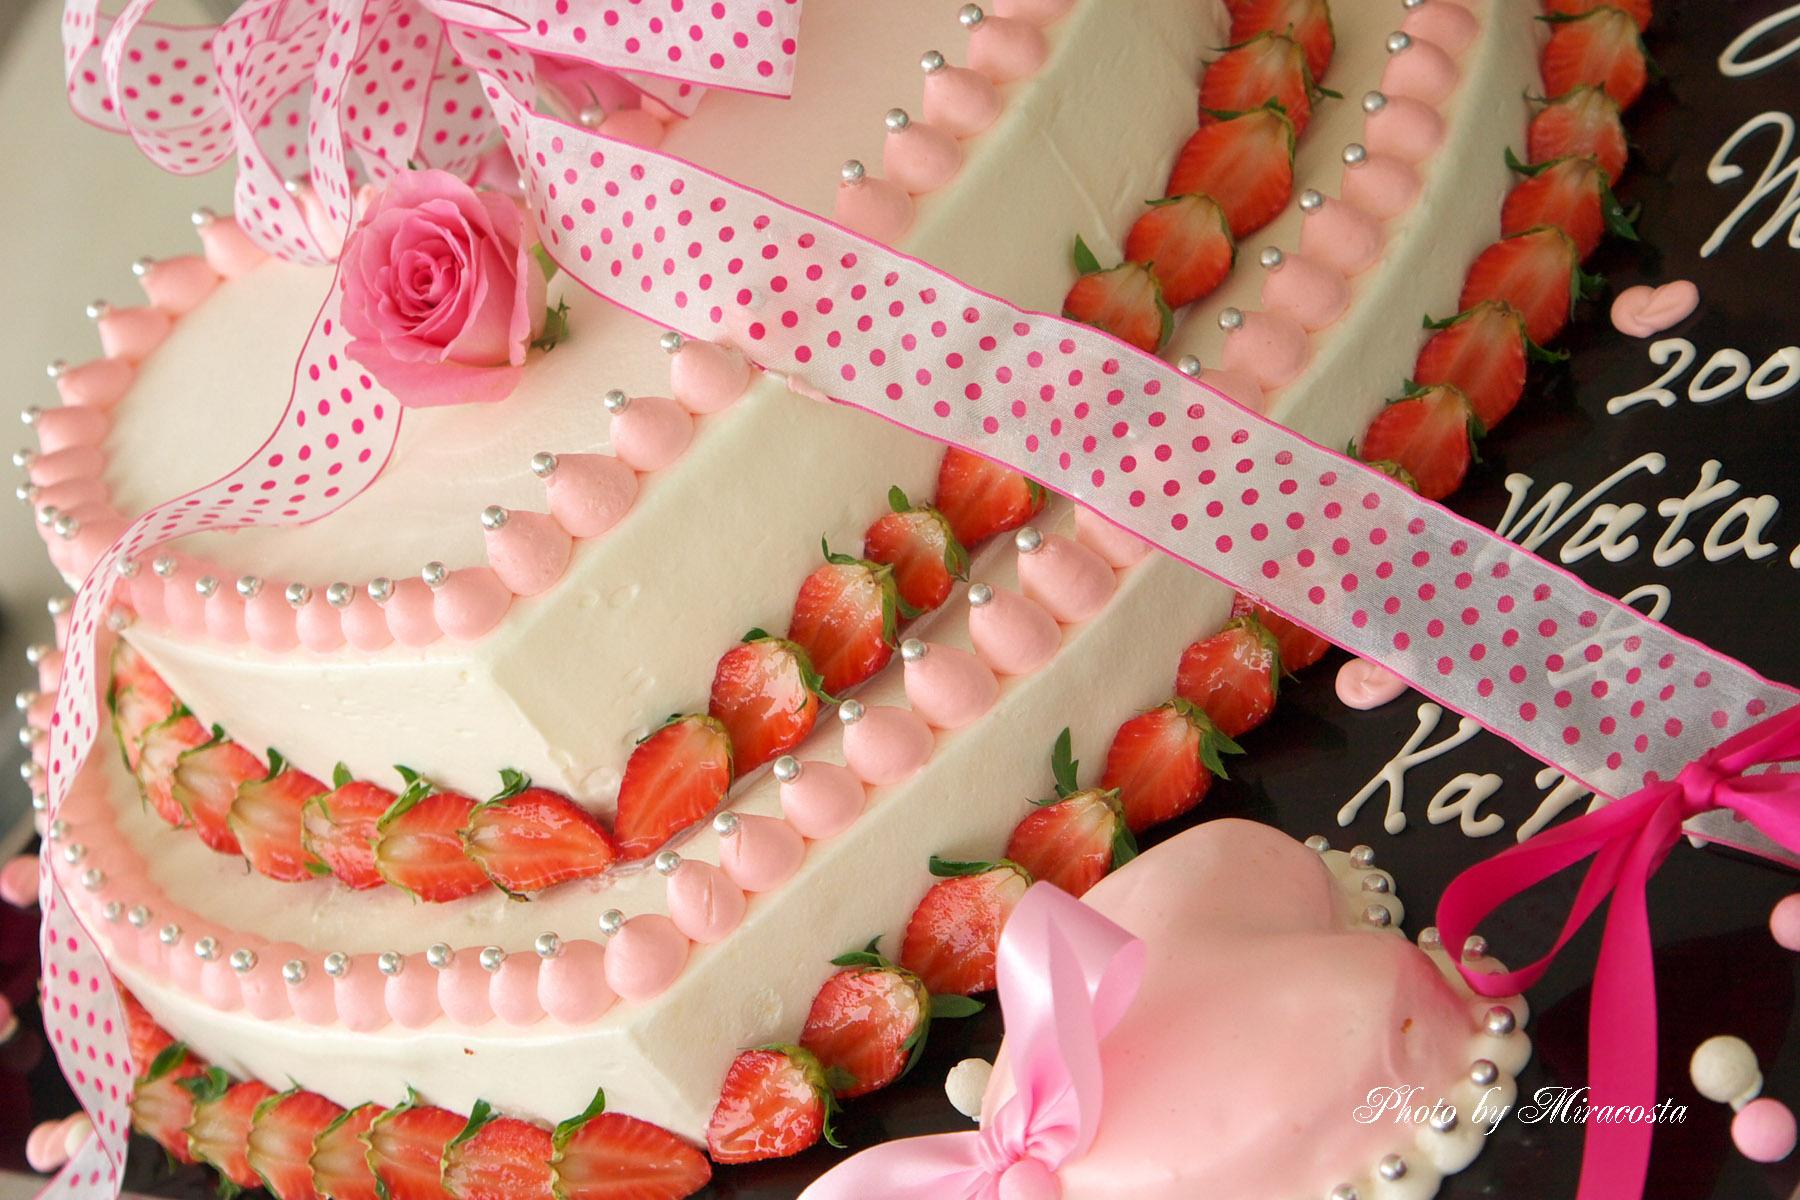 Cake_e0140159_11472297.jpg